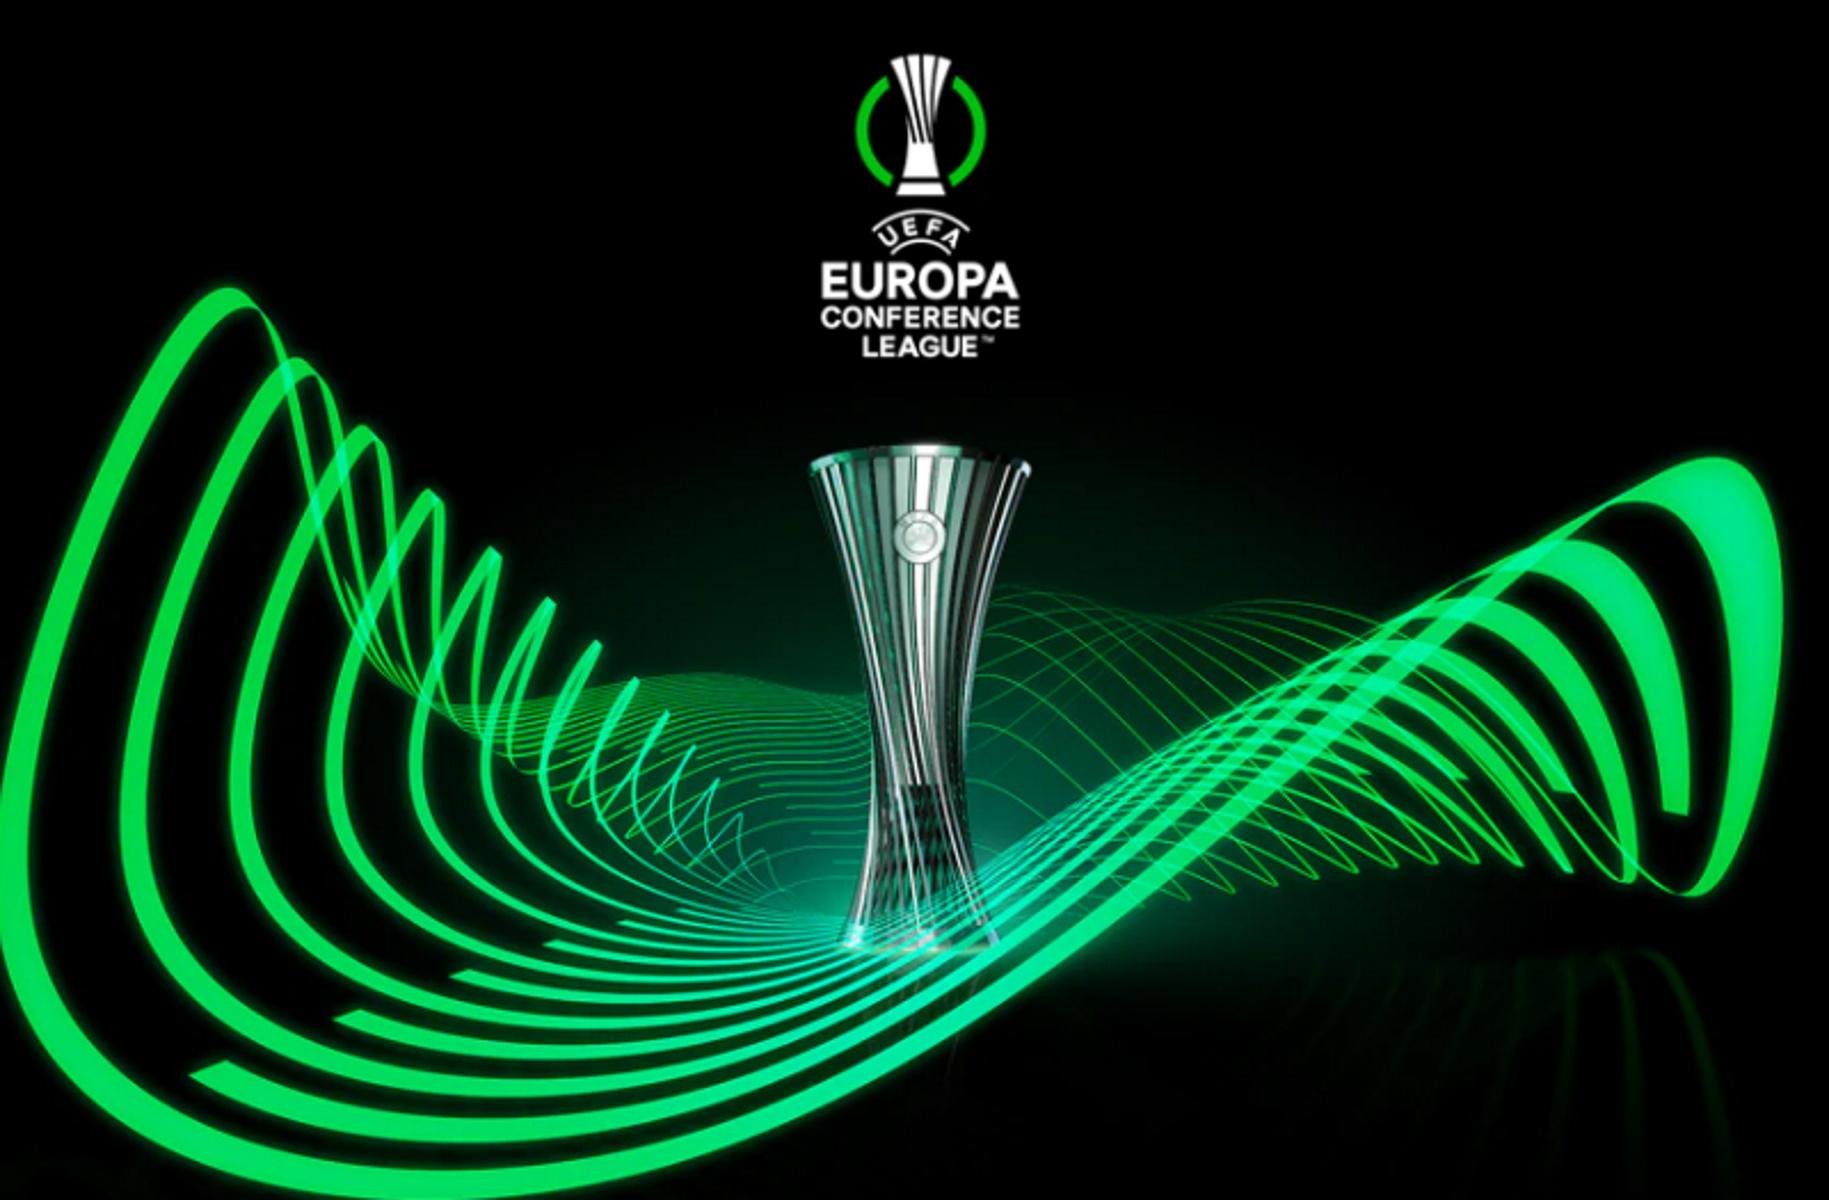 Η ΕΠΟ θέλει να πάρει το Europa Conference League του 2023